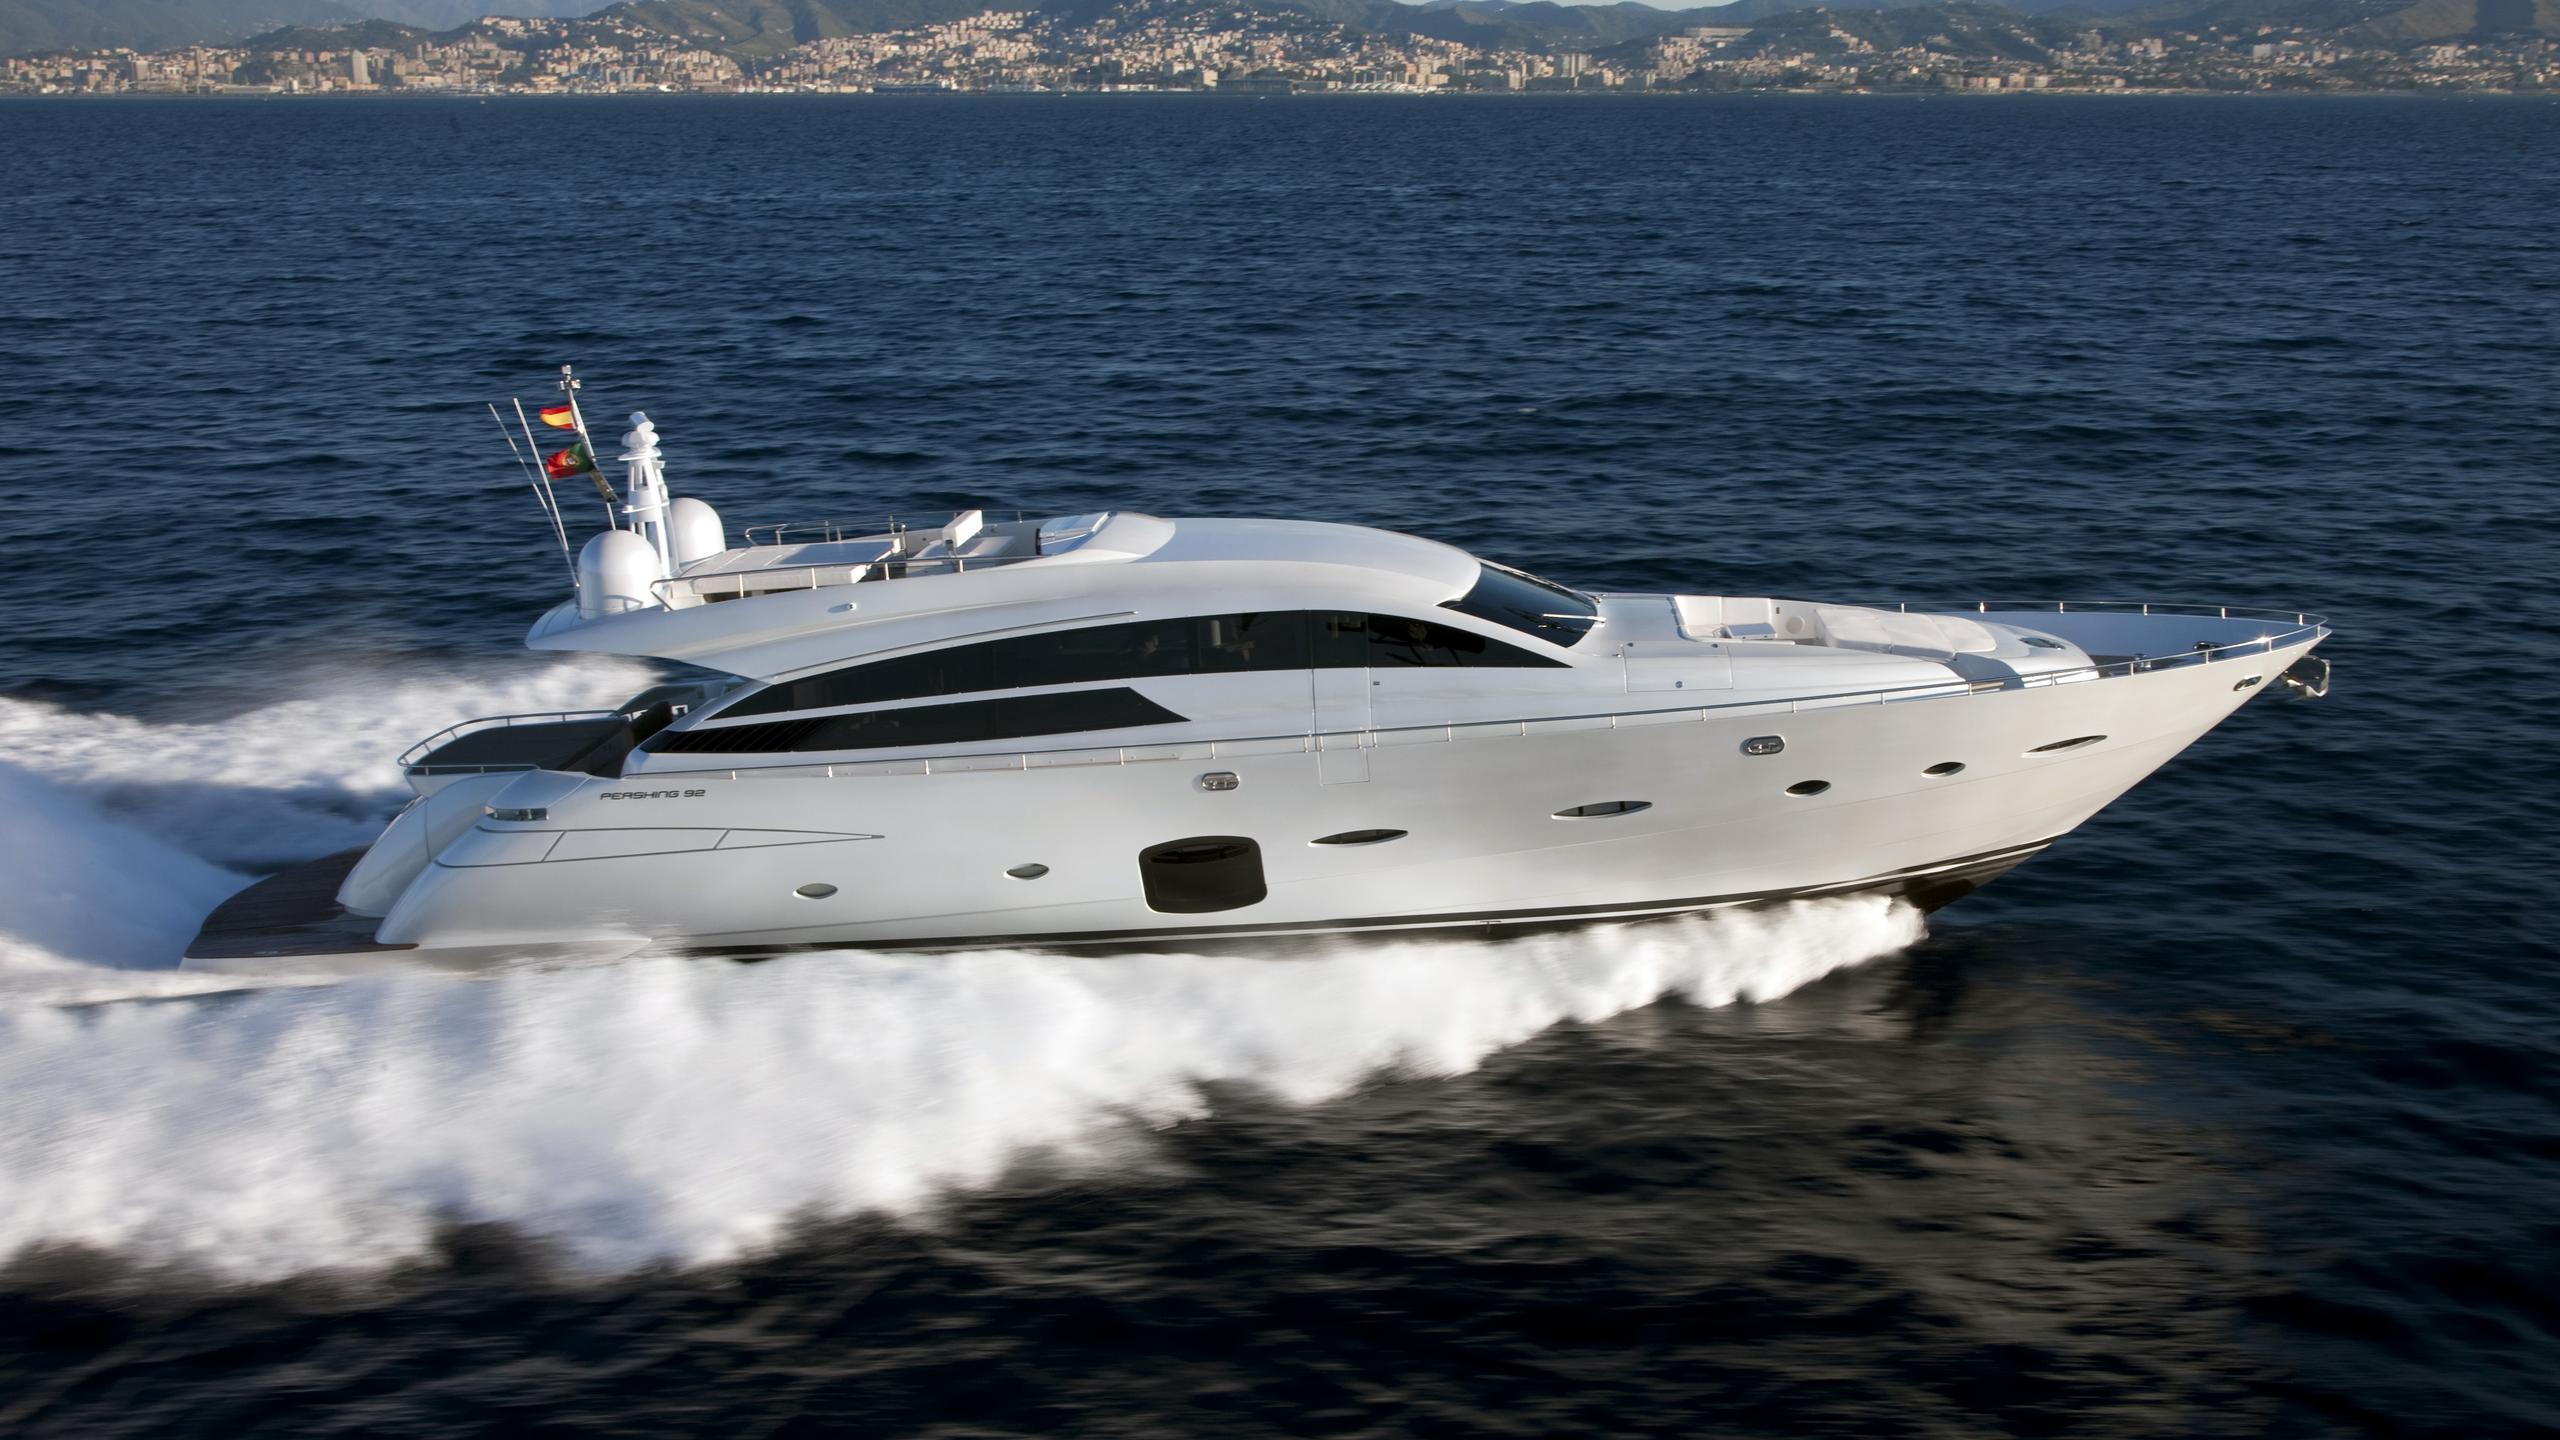 pershing-92-08-motor-yacht-2014-28m-cruising